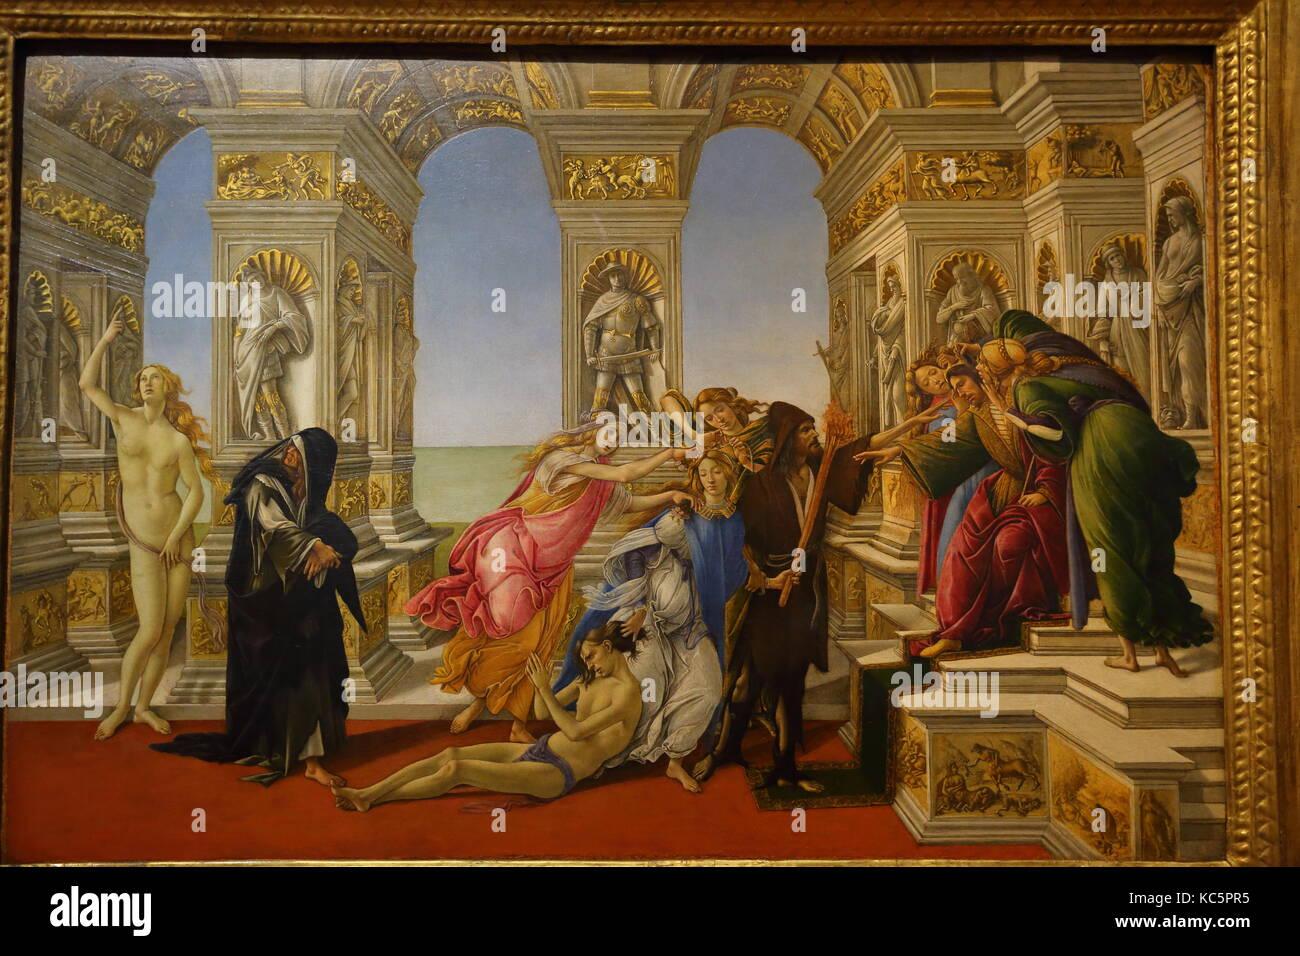 Peintures expos es la galerie des offices galleria degli uffizi florence italie banque d - Galerie des offices a florence ...